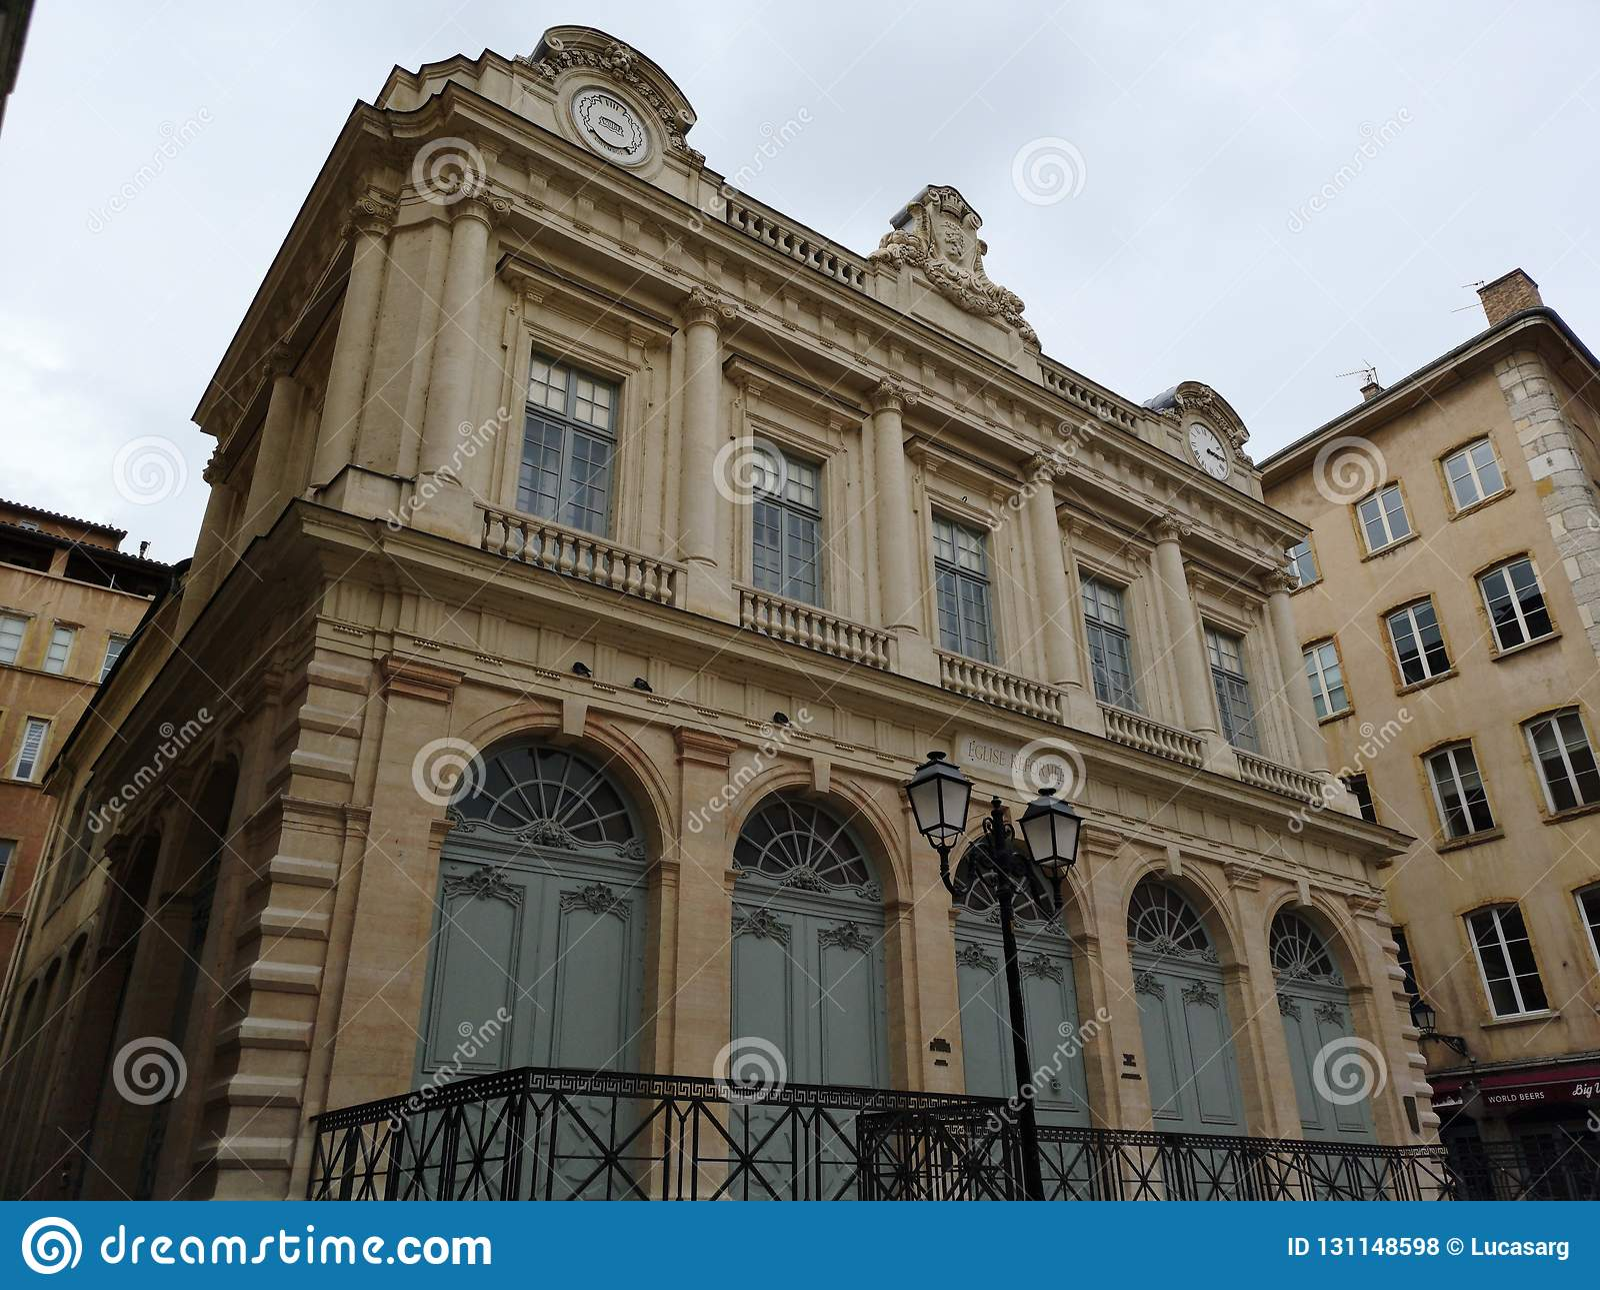 De Tempel van Verandering, vroeger voor de beurs van Lyon wordt gebruikt, bevindt zich in Oud Lyon, Frankrijk dat